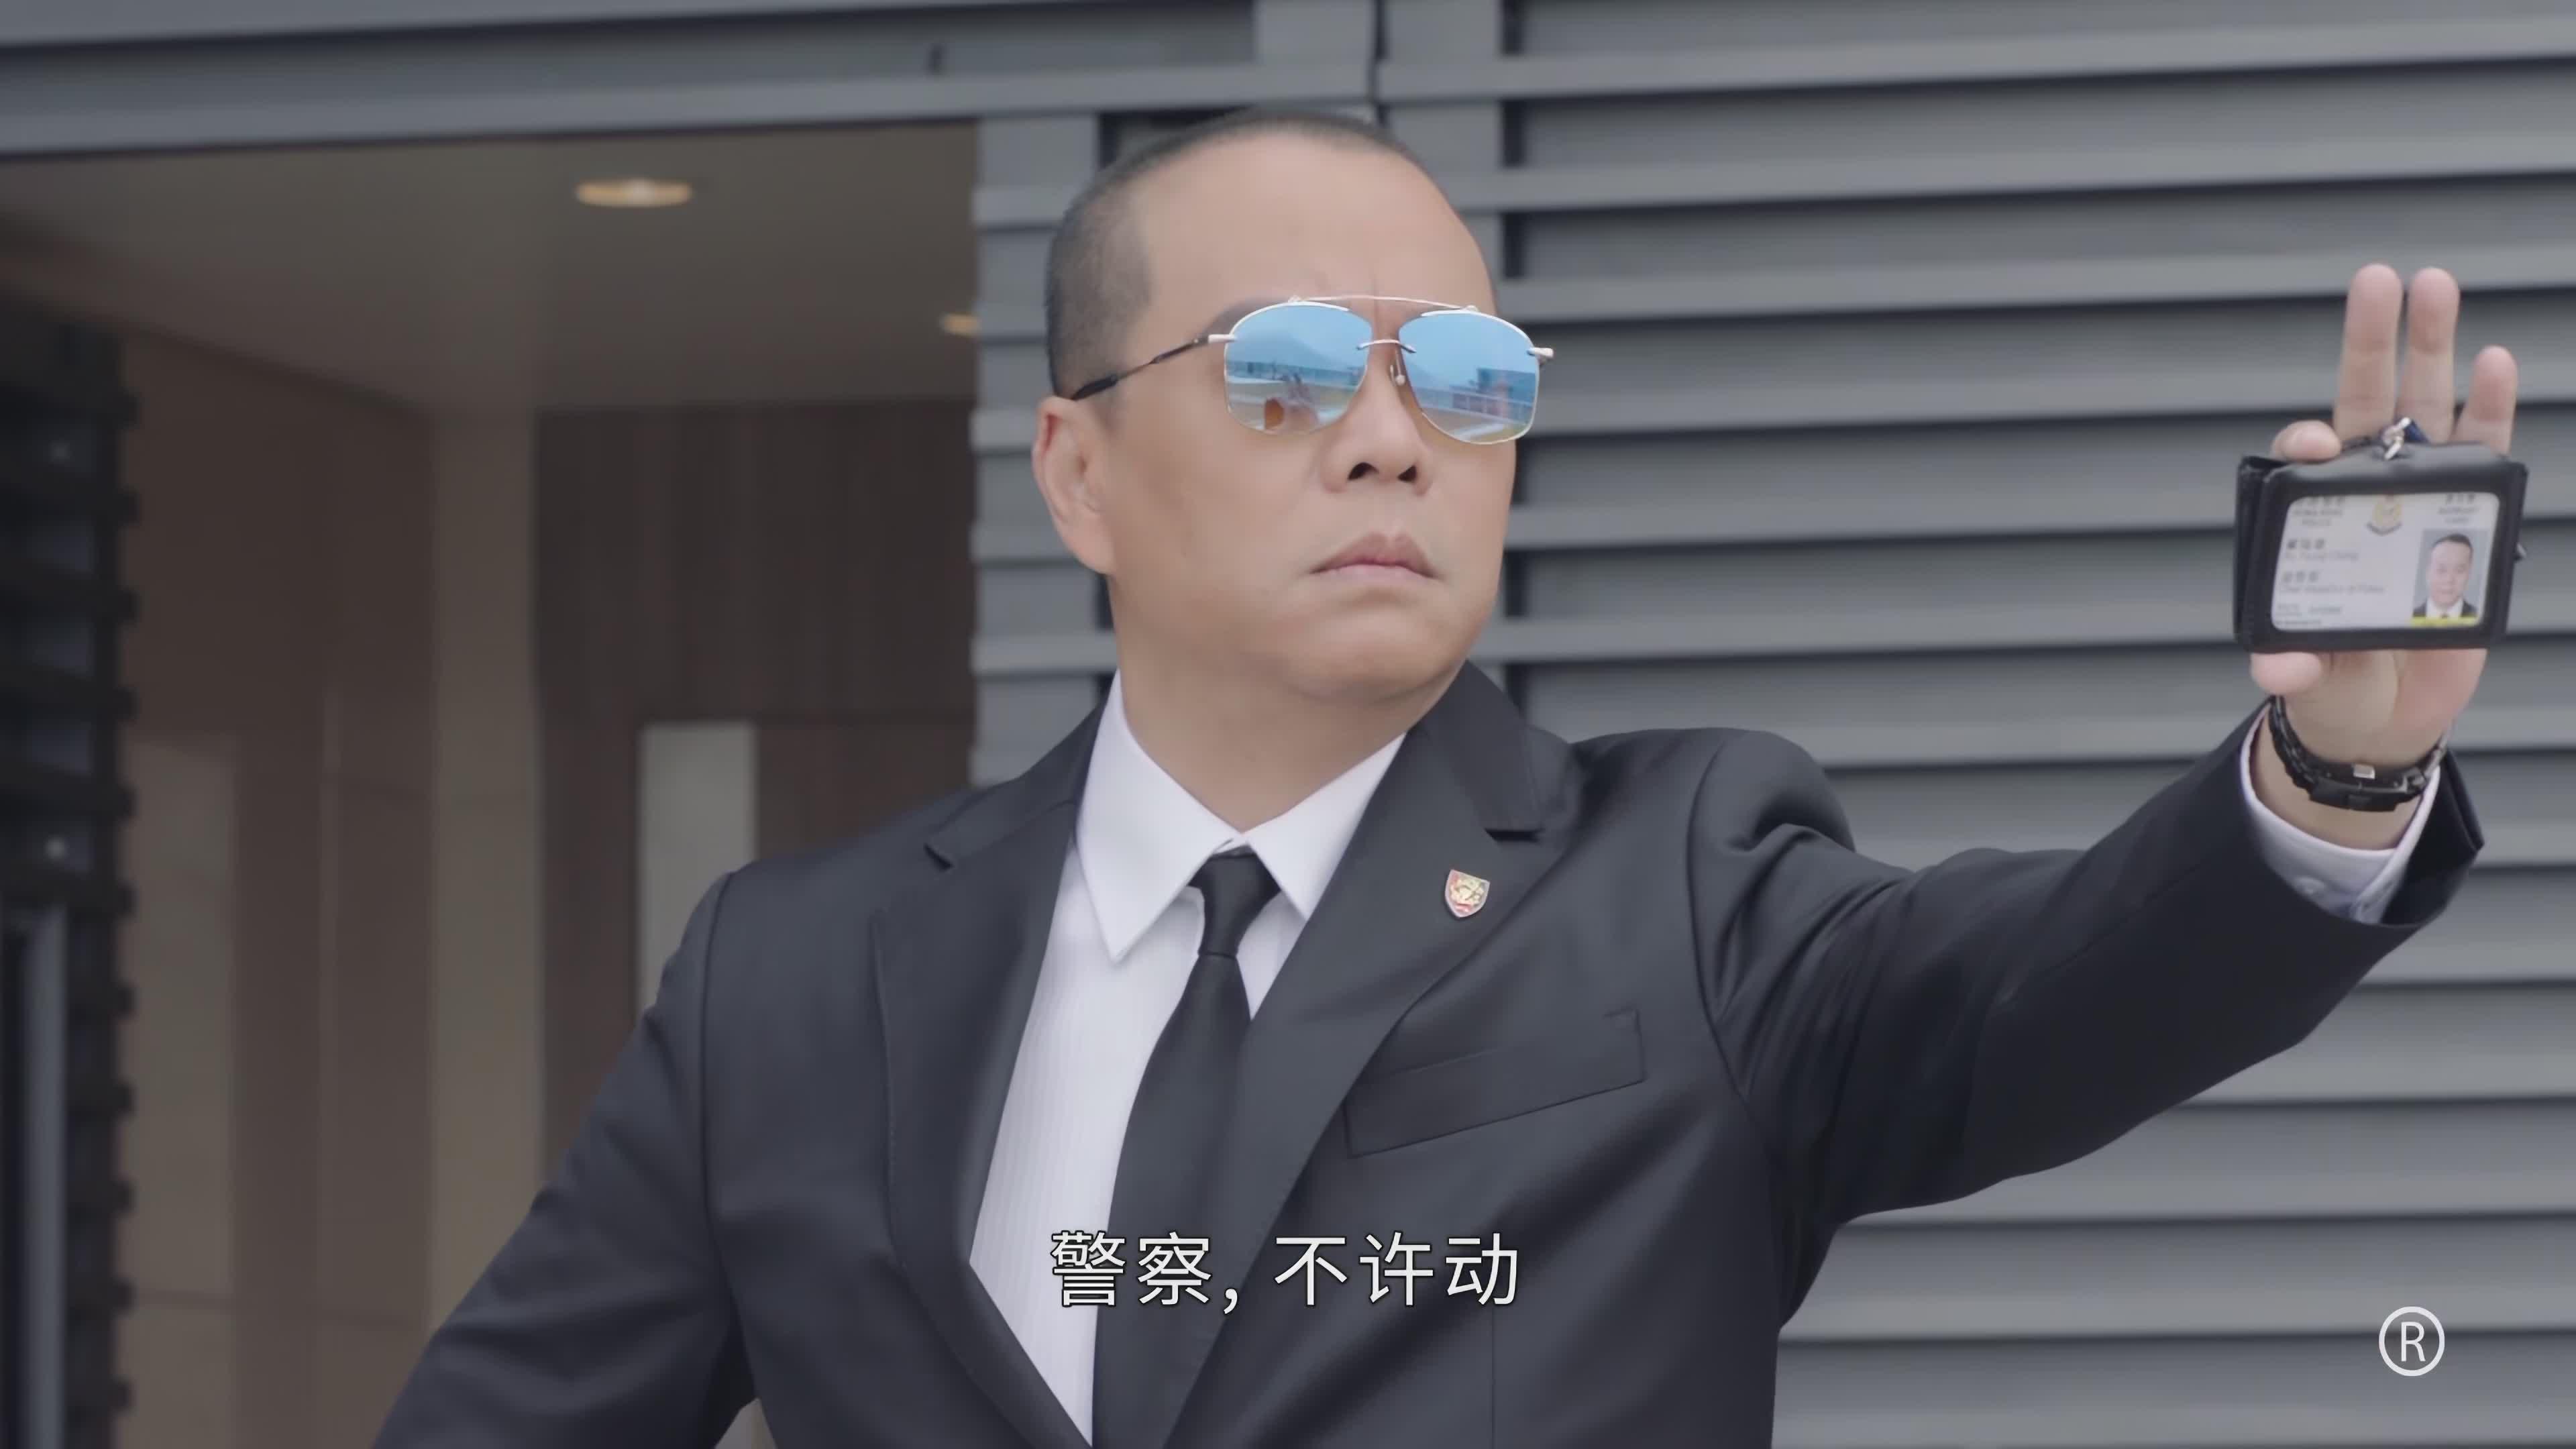 欧阳震华和万绮雯TVB的告别之作《伙计办大事》,且看且珍惜吧